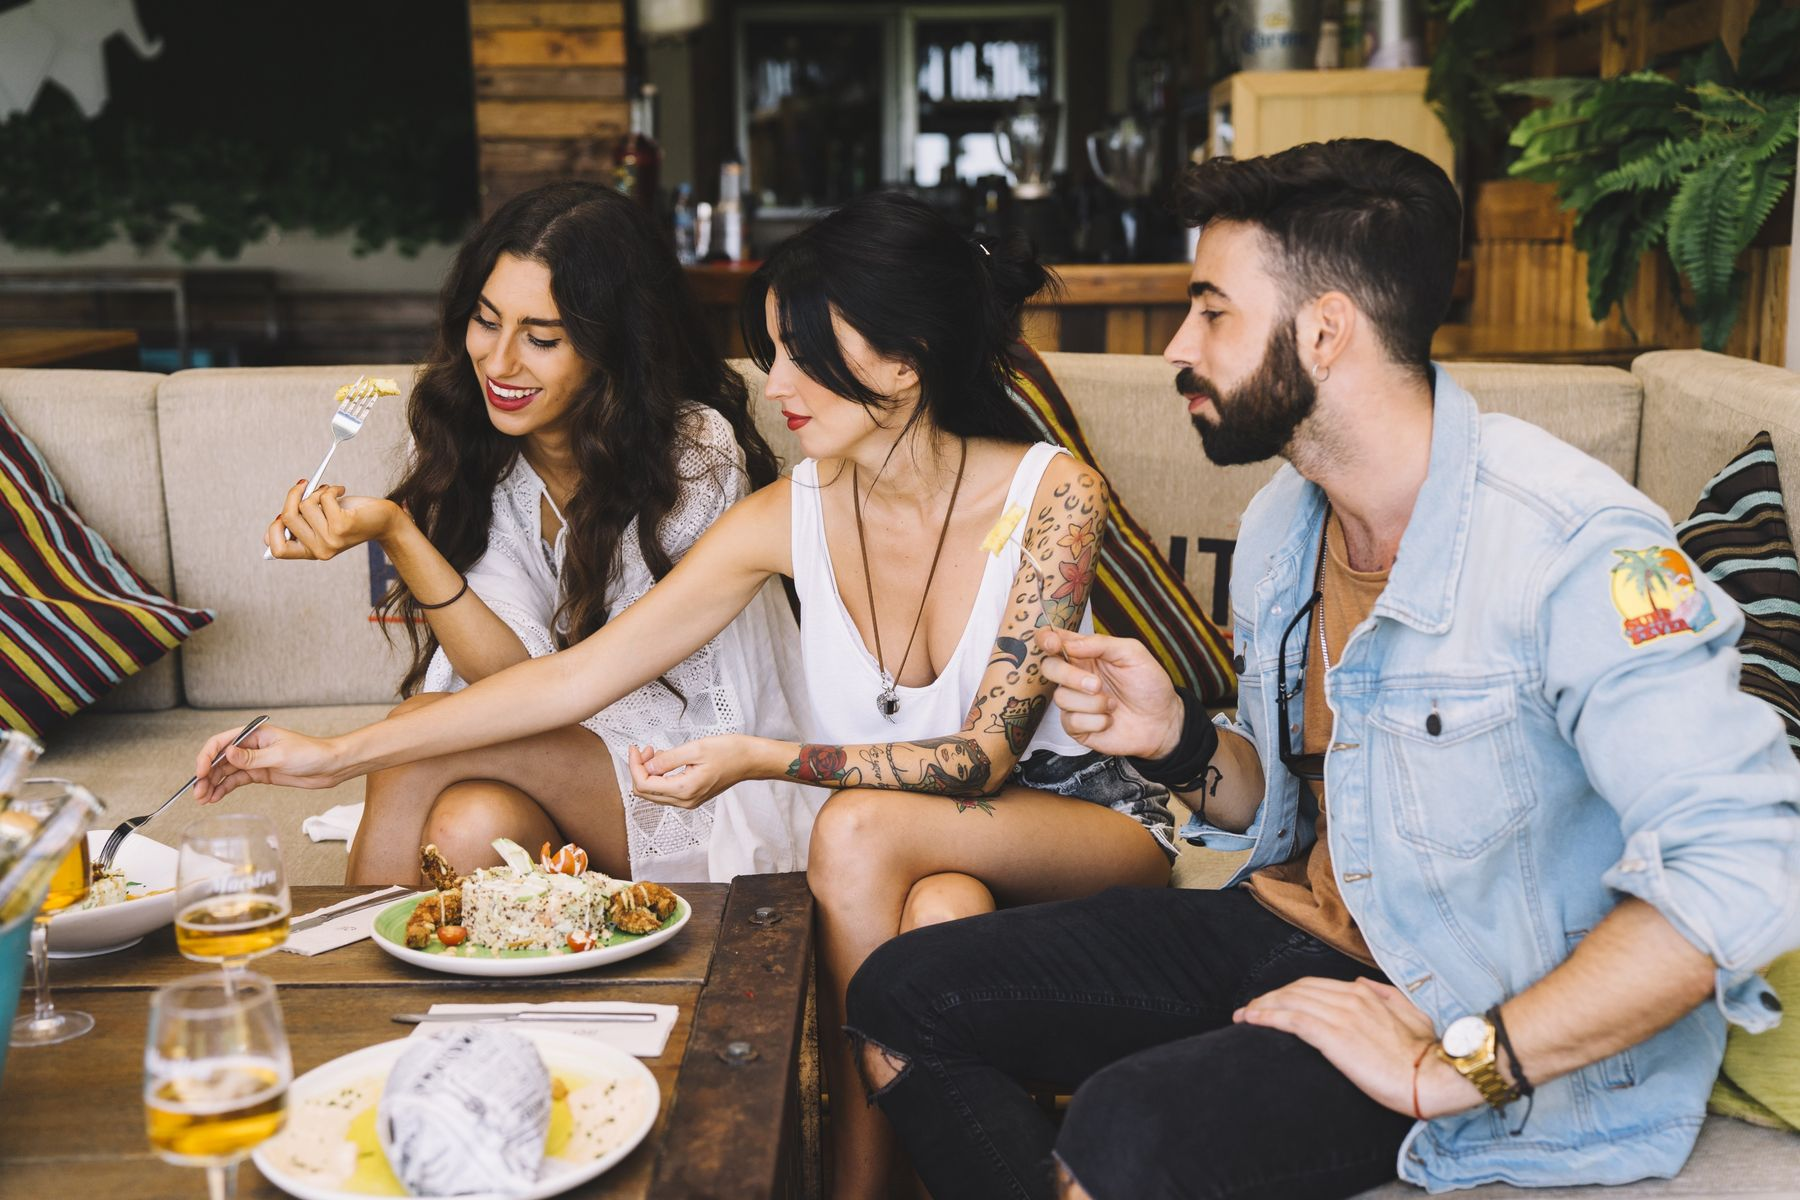 Cena en un ambiente agradable